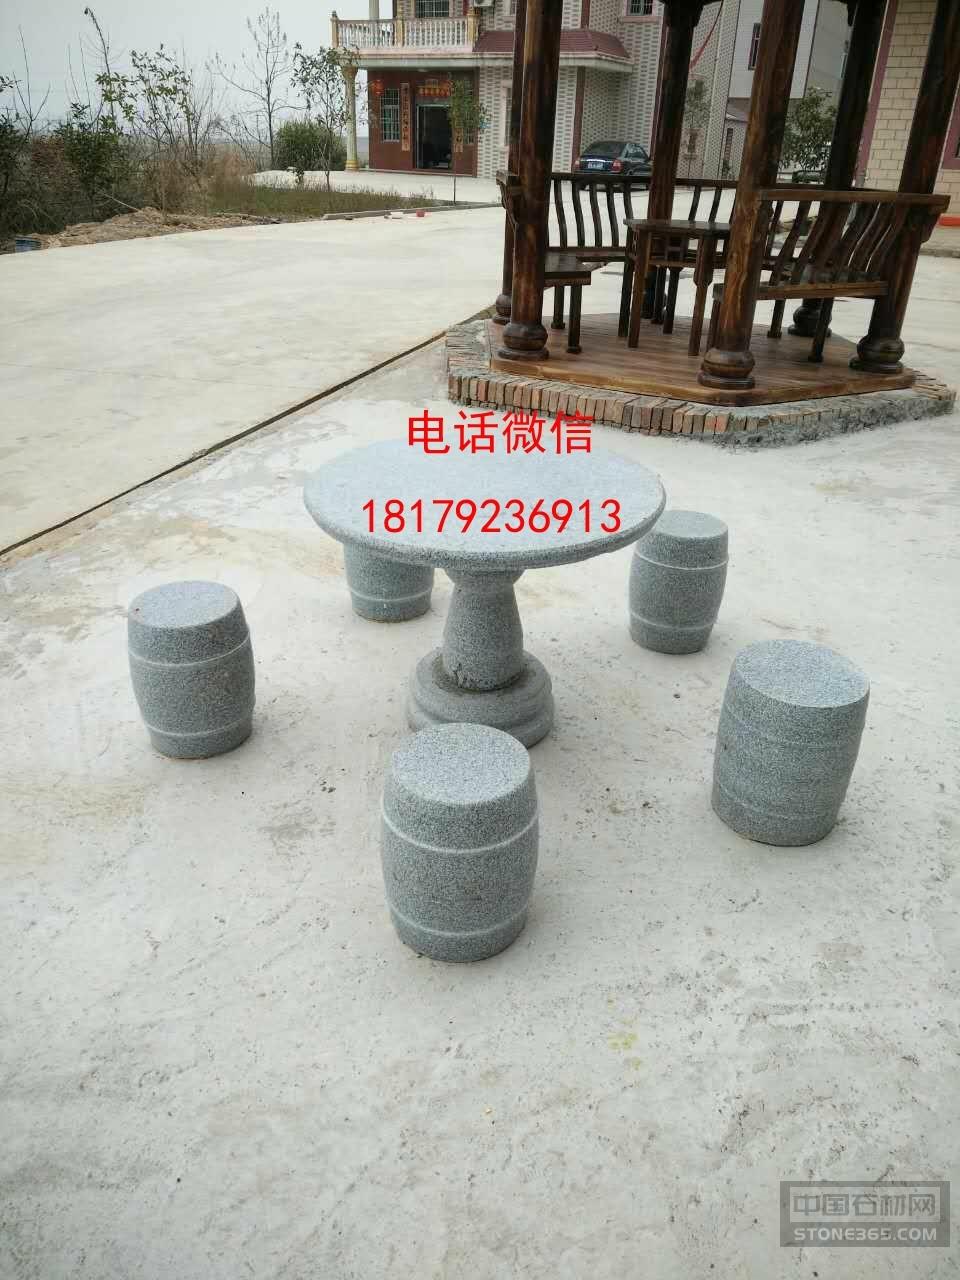 广州市花岗岩90CM圆石桌石凳